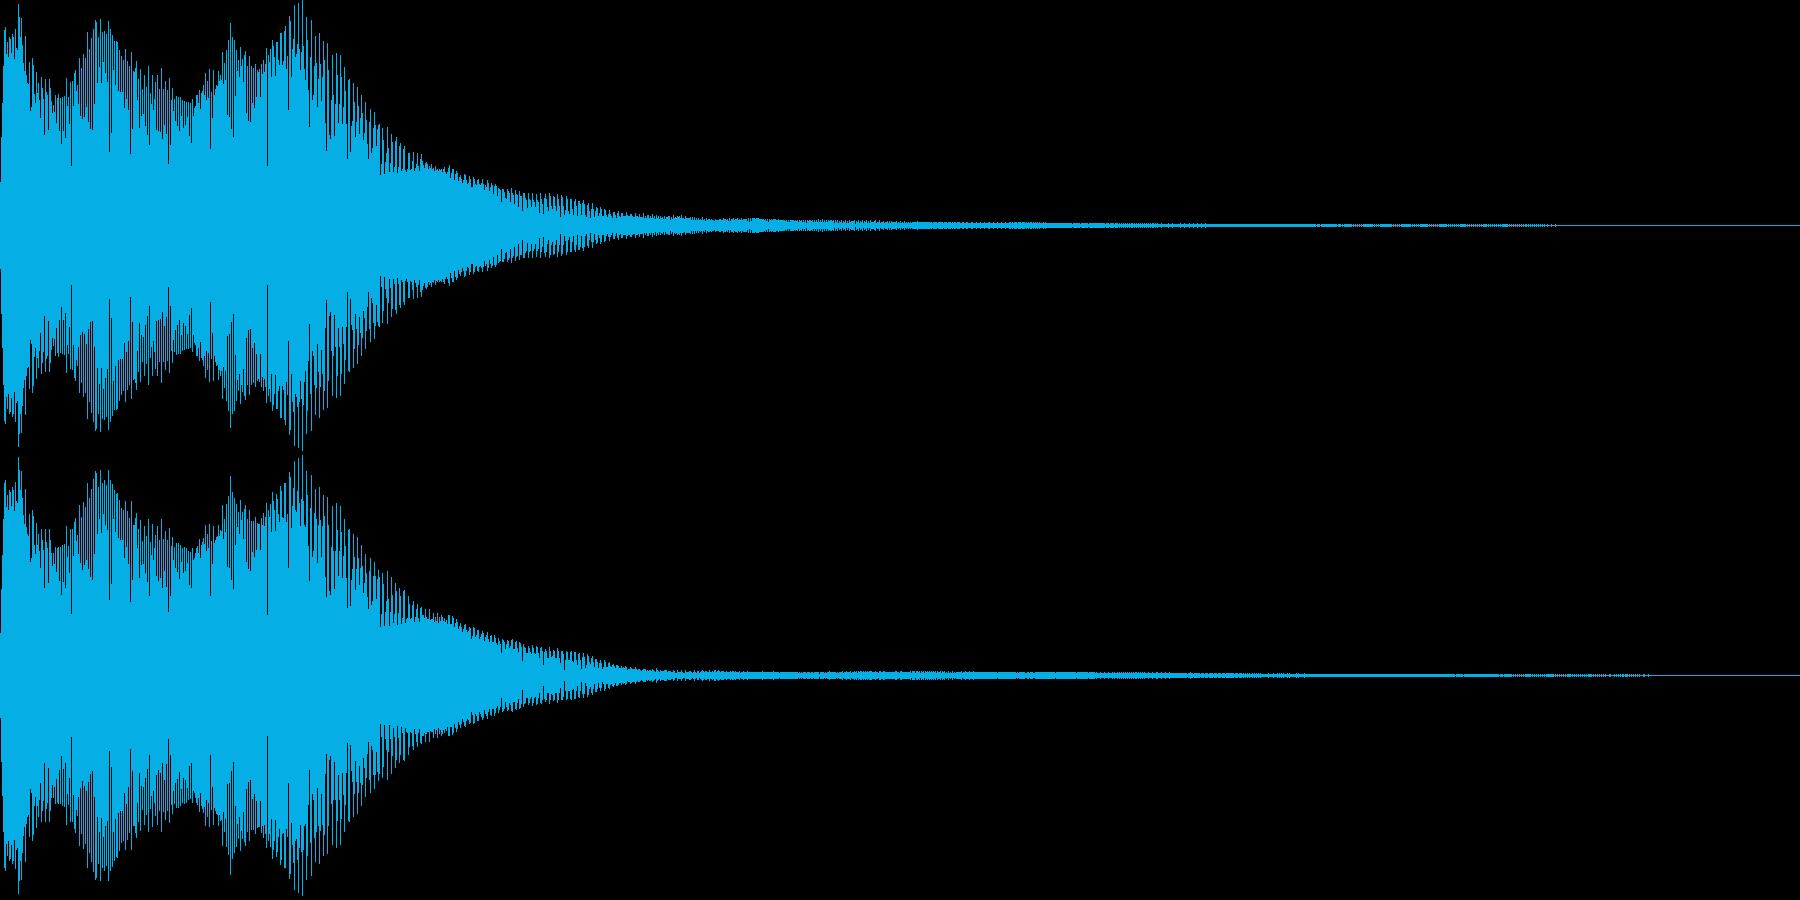 【SE】決定音08(ピョリロリー)の再生済みの波形